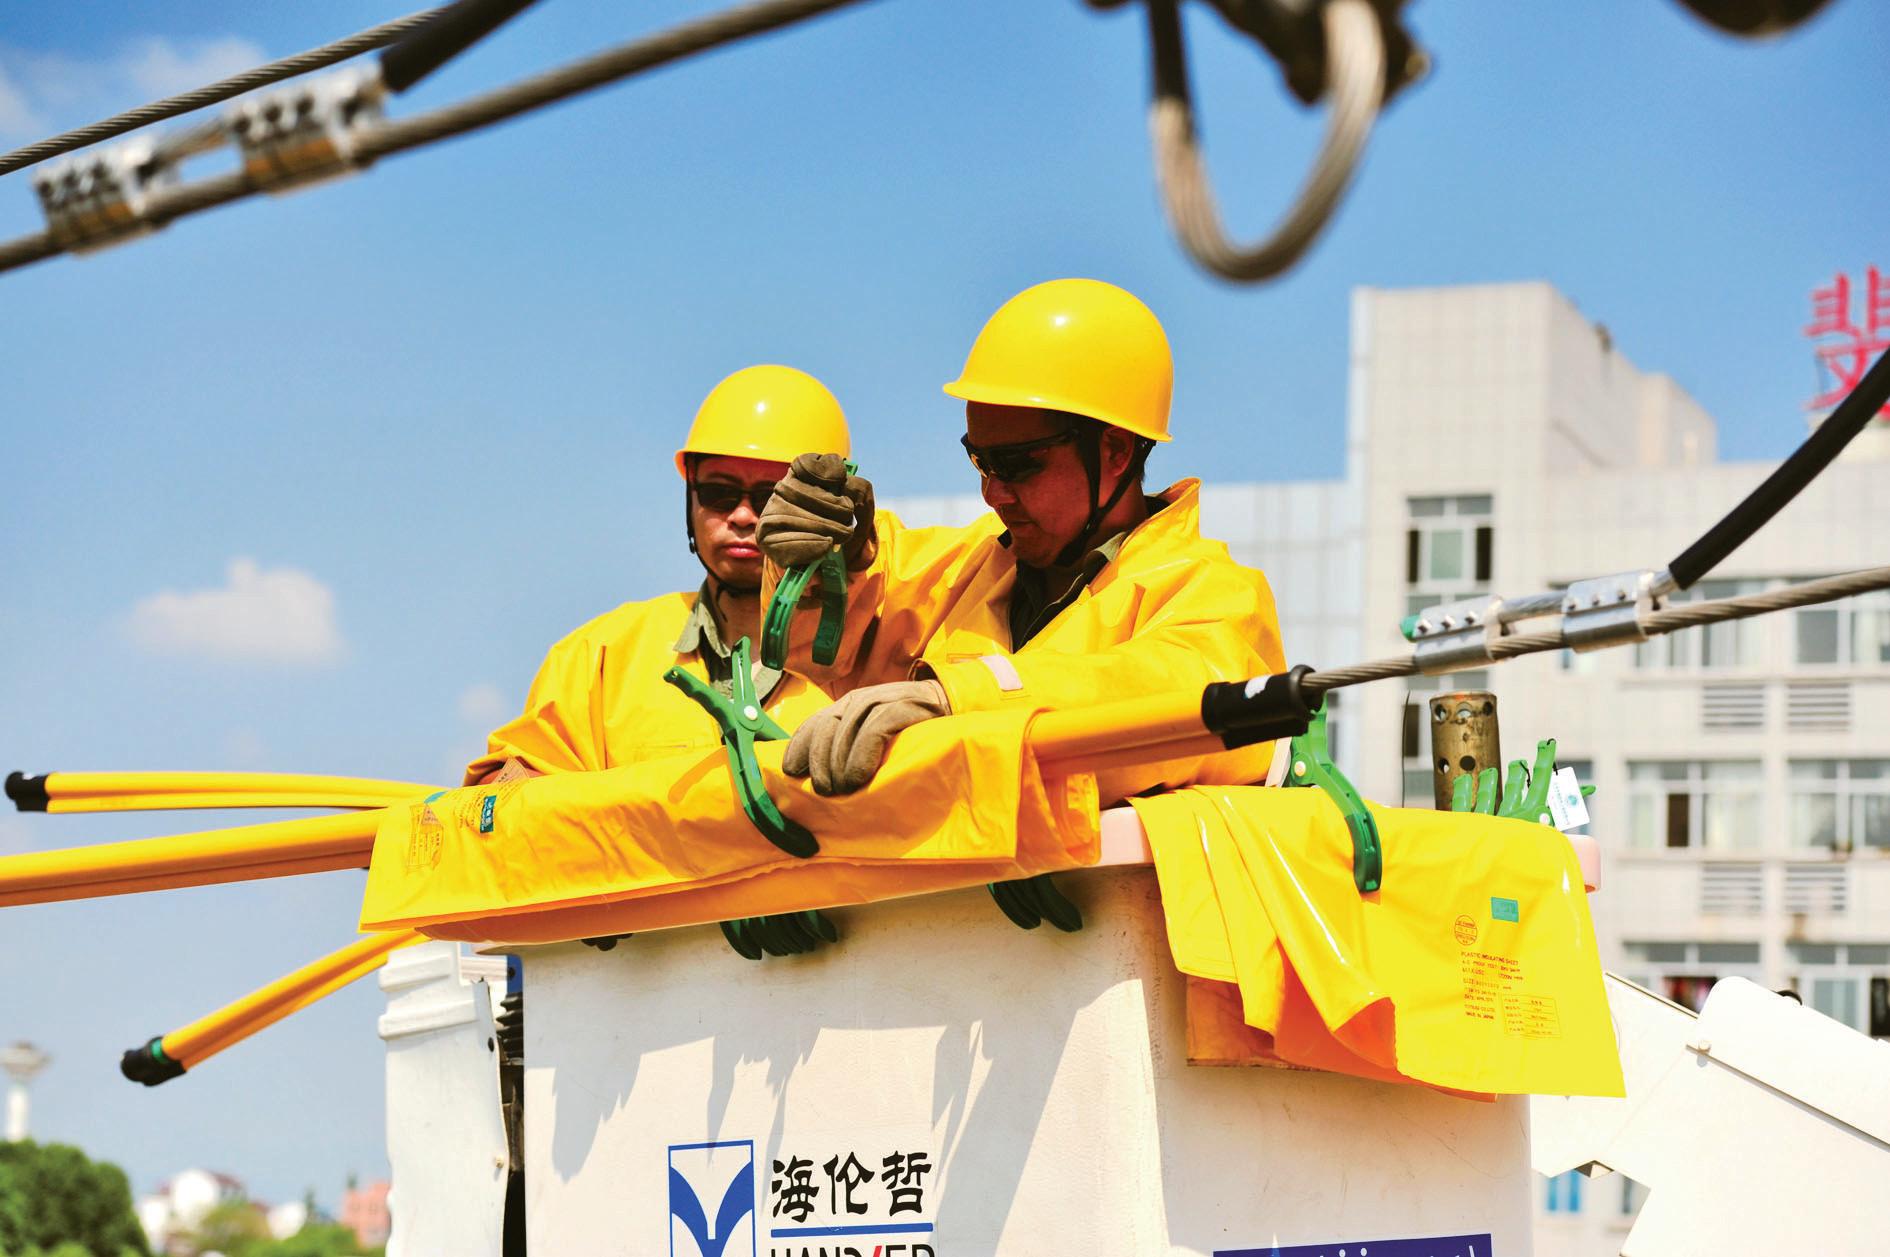 义乌电力工人带电作业保供电